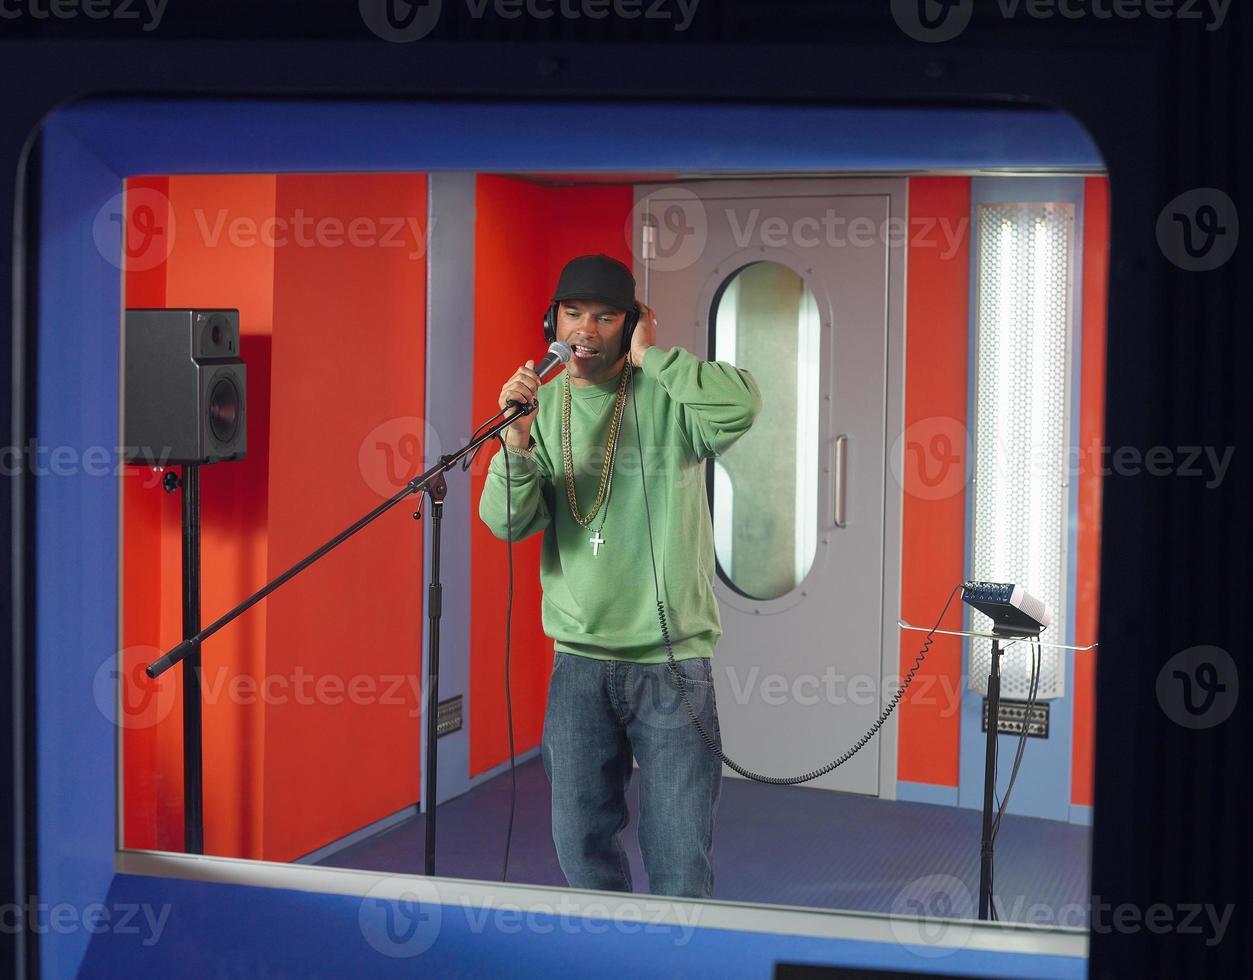 jovem cantando em estúdio foto